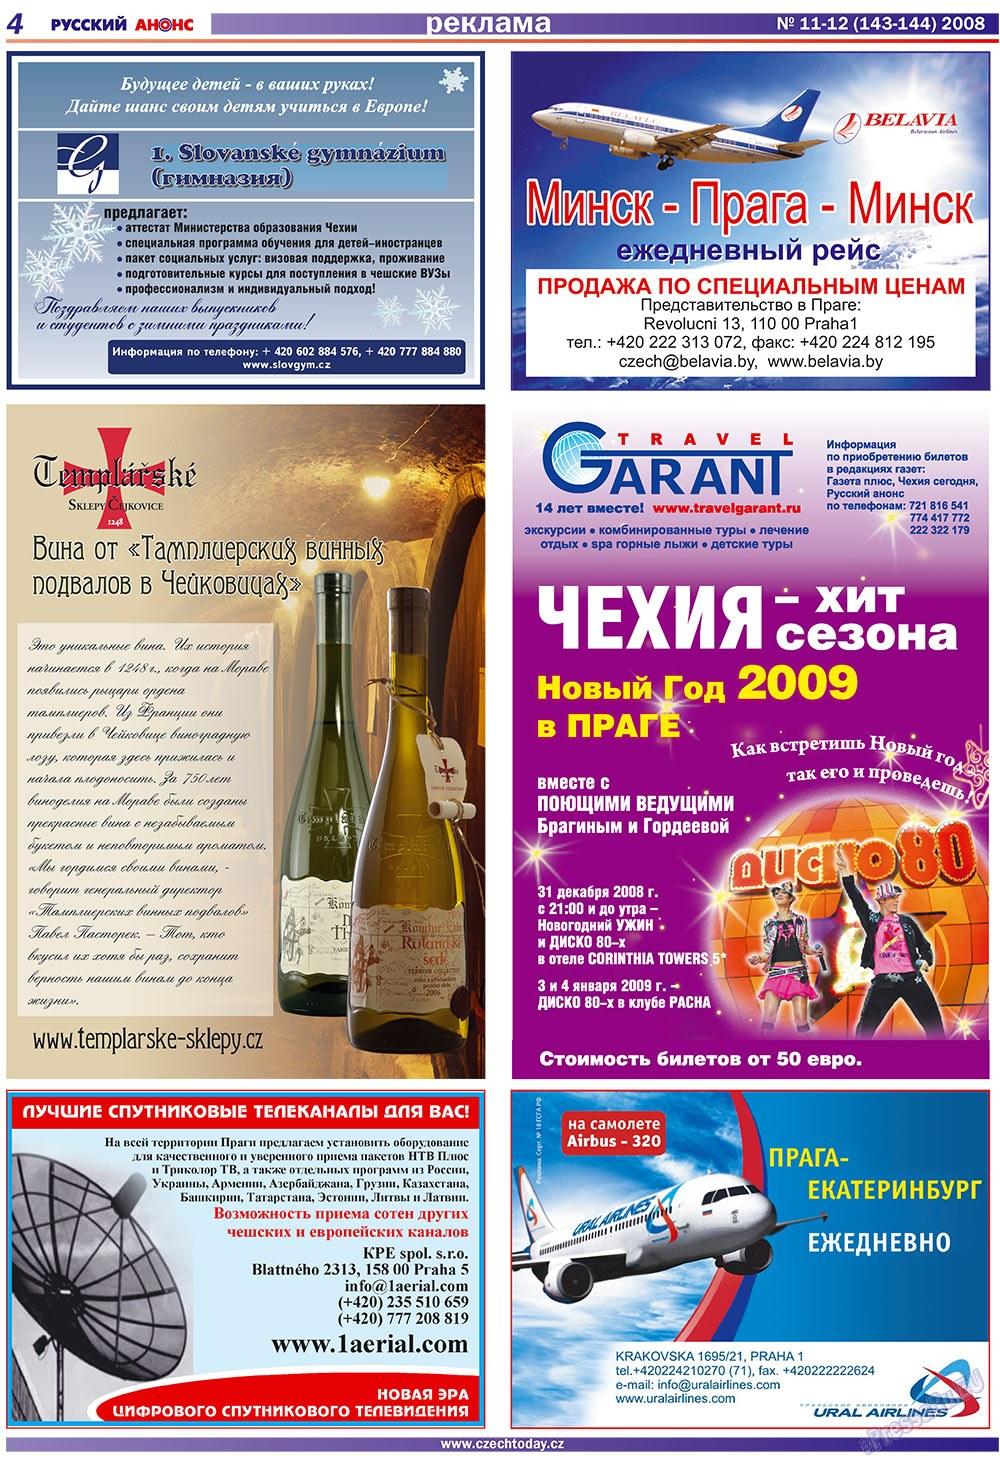 Чехия сегодня (журнал). 2008 год, номер 12, стр. 16